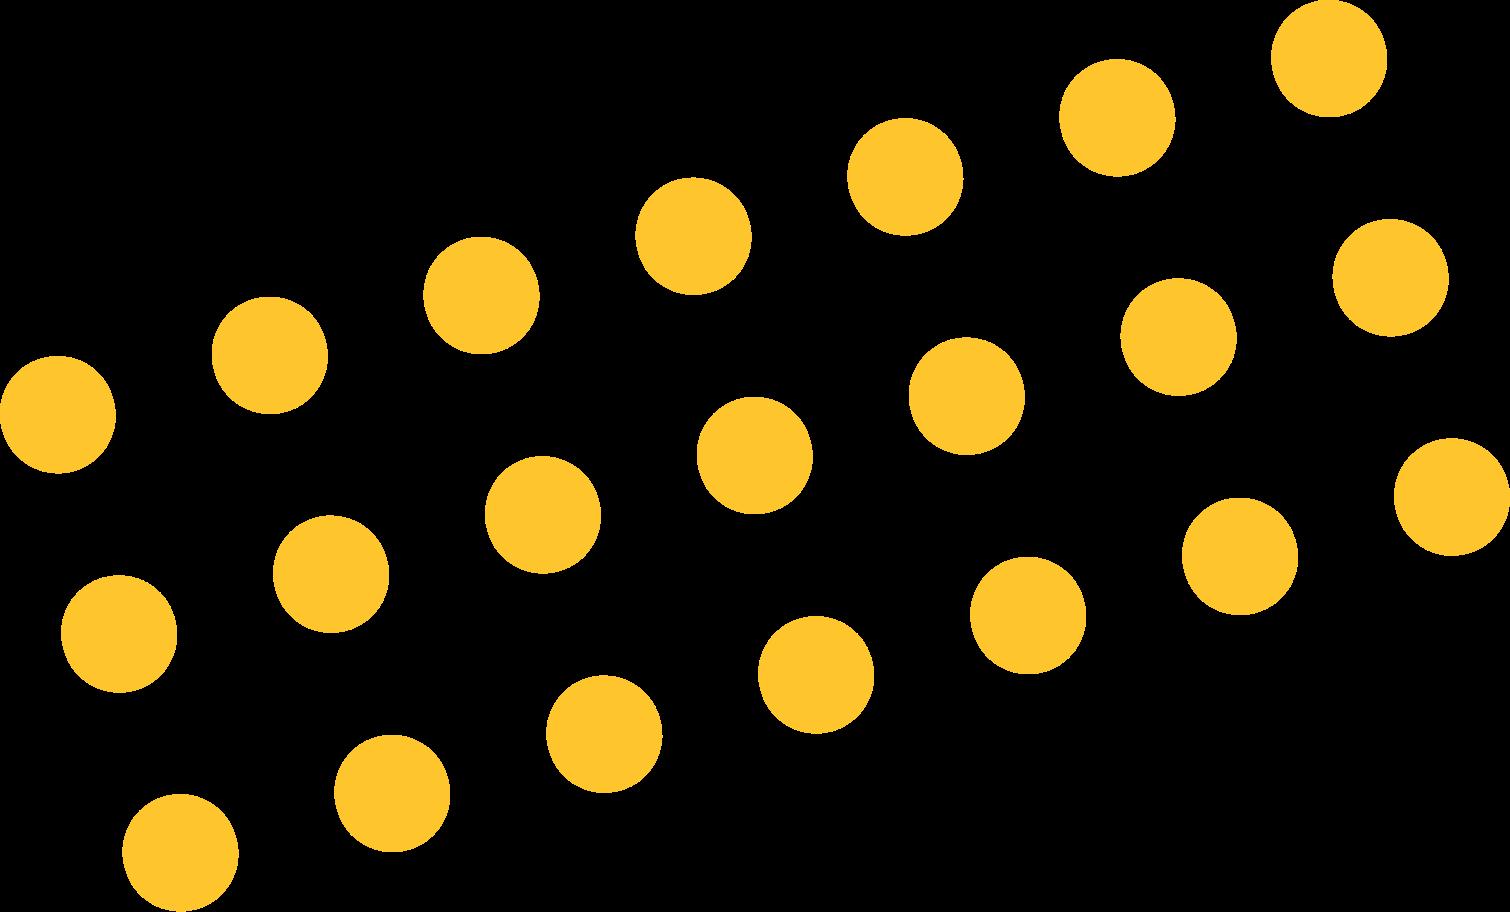 Ilustración de clipart de puntos amarillos en PNG, SVG